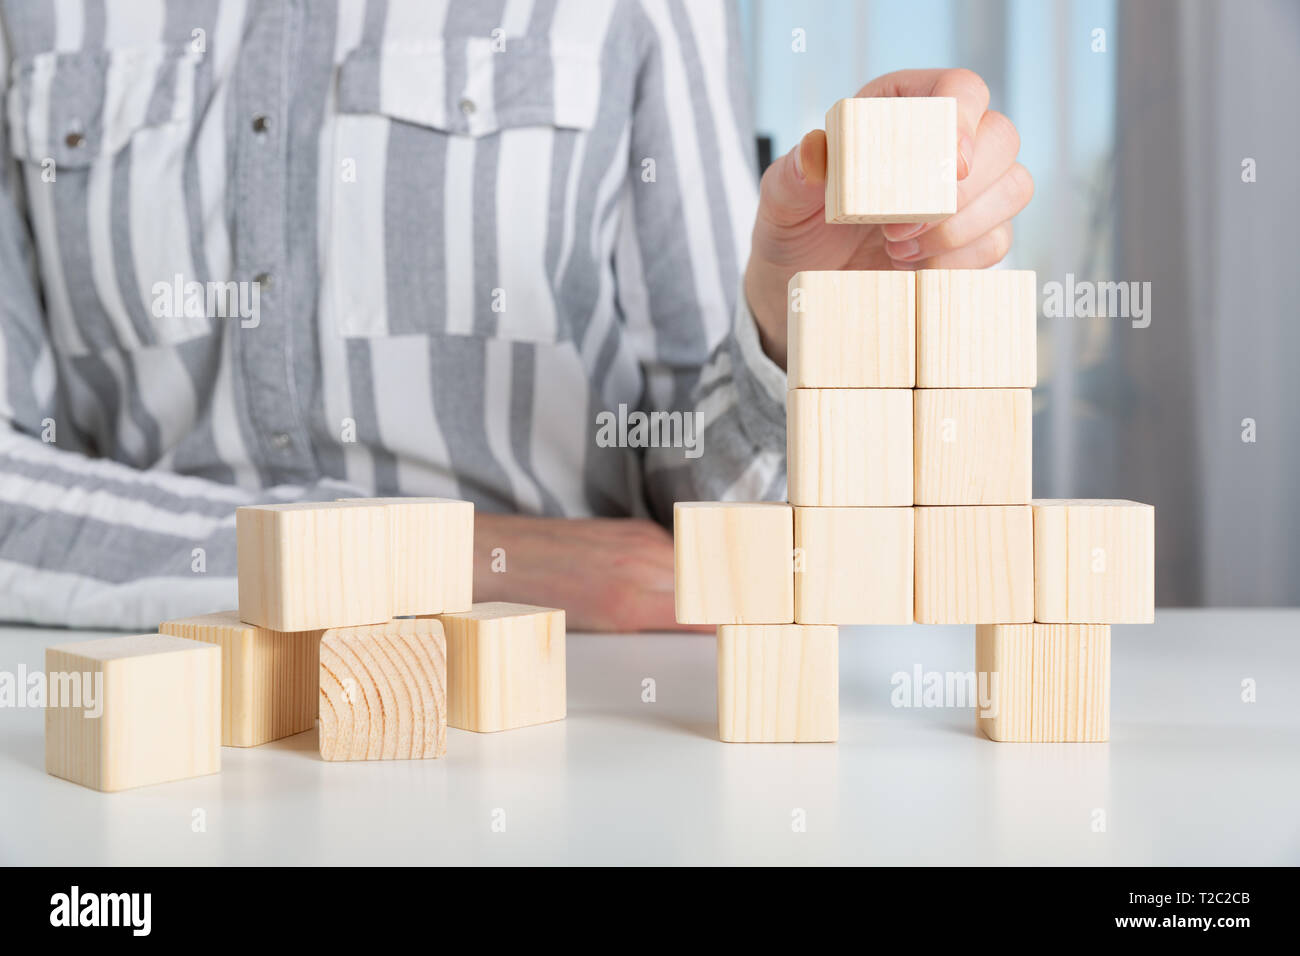 Donna immissione ultimo pezzo per blocchi di legno nella forma di un razzo. Start up avvio del business il concetto di successo Foto Stock